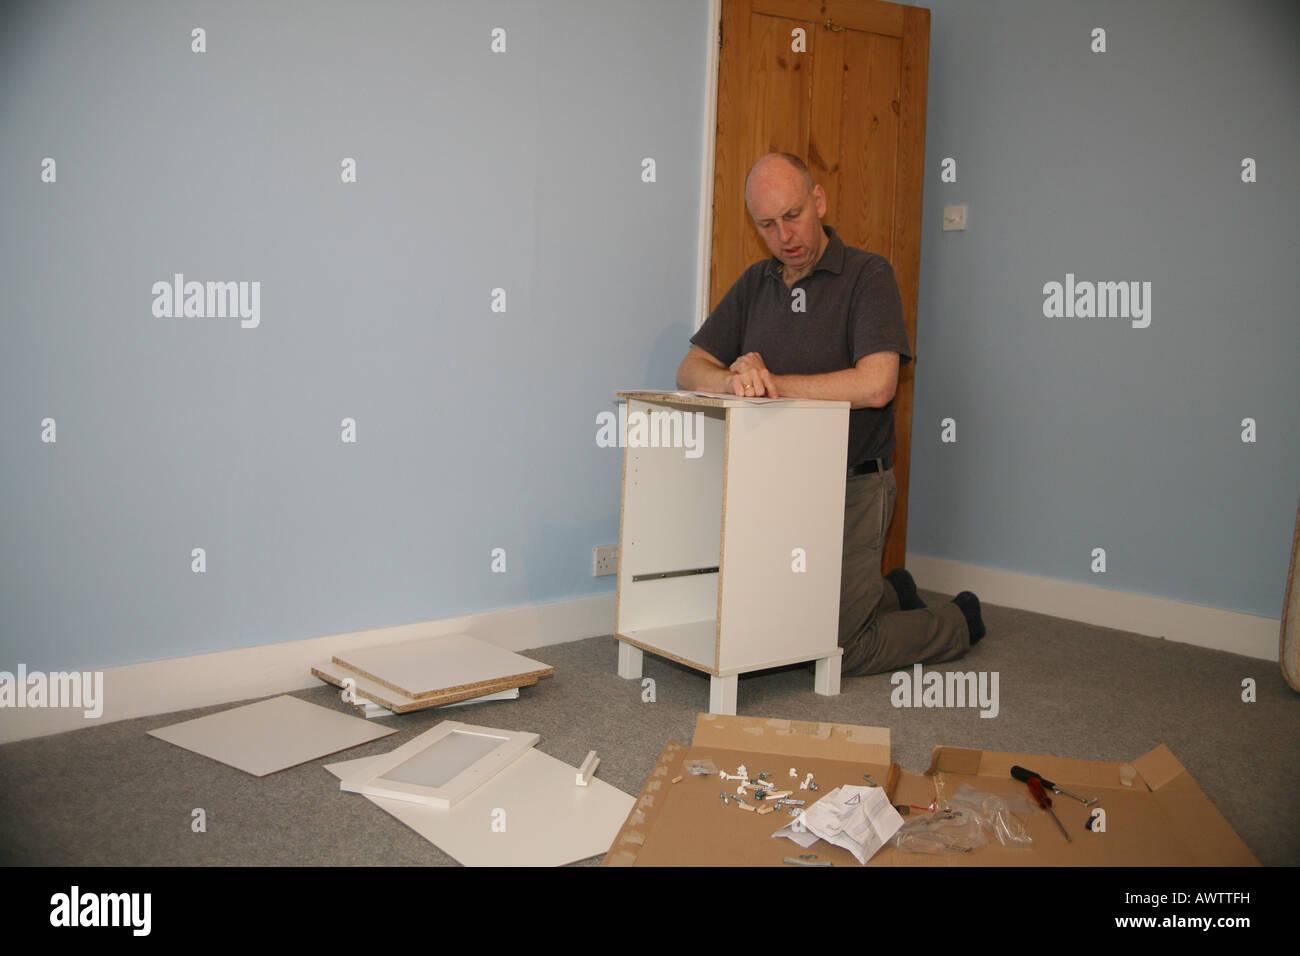 La lecture de l'homme à l'assemblage d'instructions ont acheté des meubles d'Ikea Banque D'Images